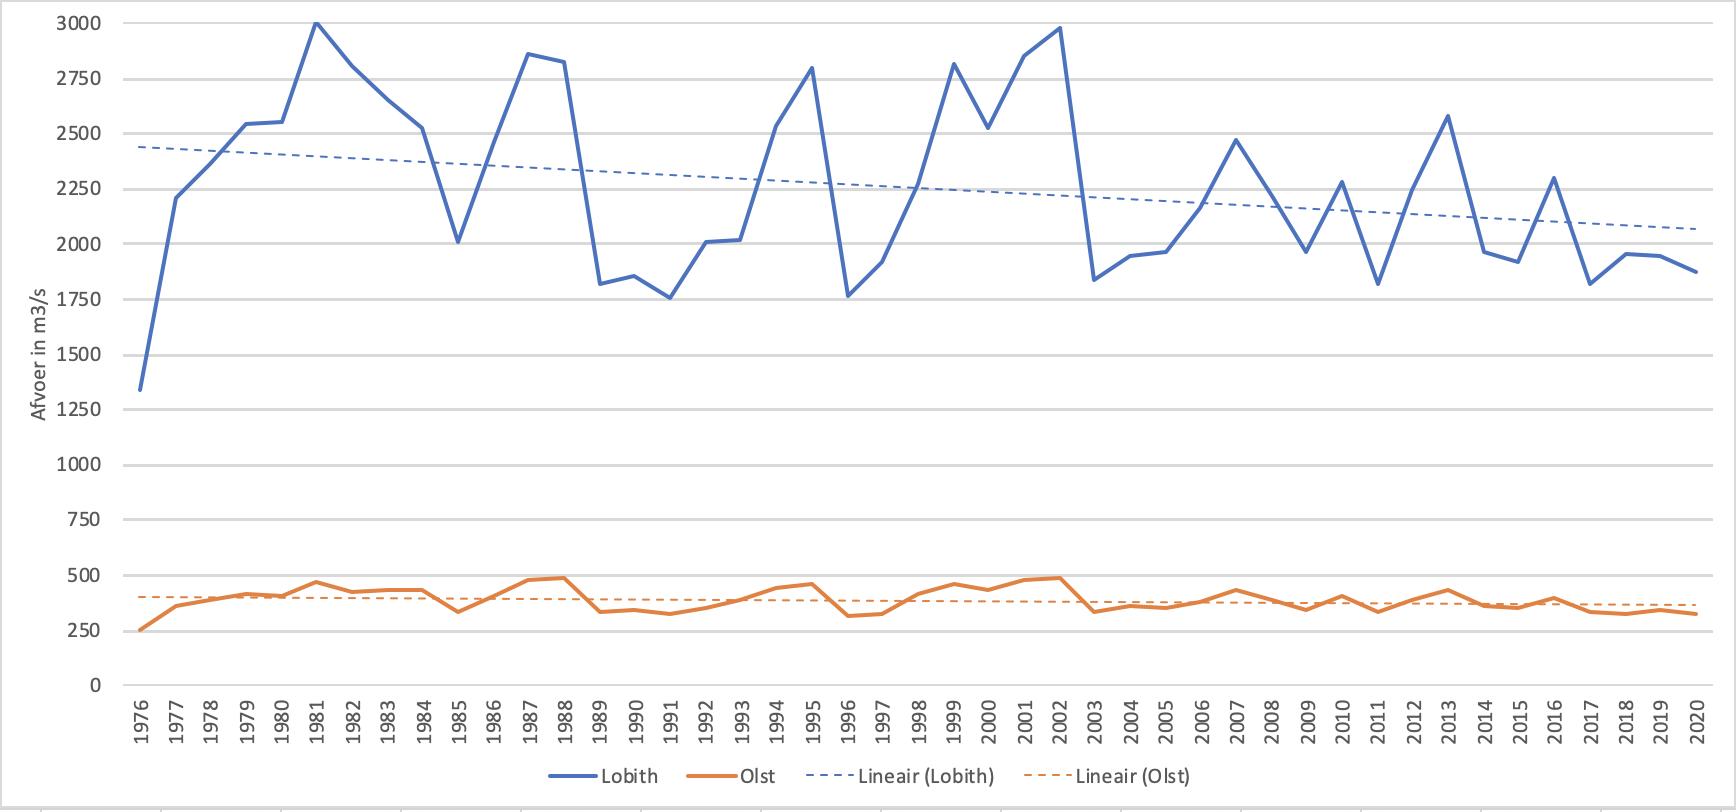 Gemiddelde jaarafvoer van de Rijn bij Lobith en de IJssel bij Olst sinds 1976. Ook de trendlijnen zijn weergegeven.